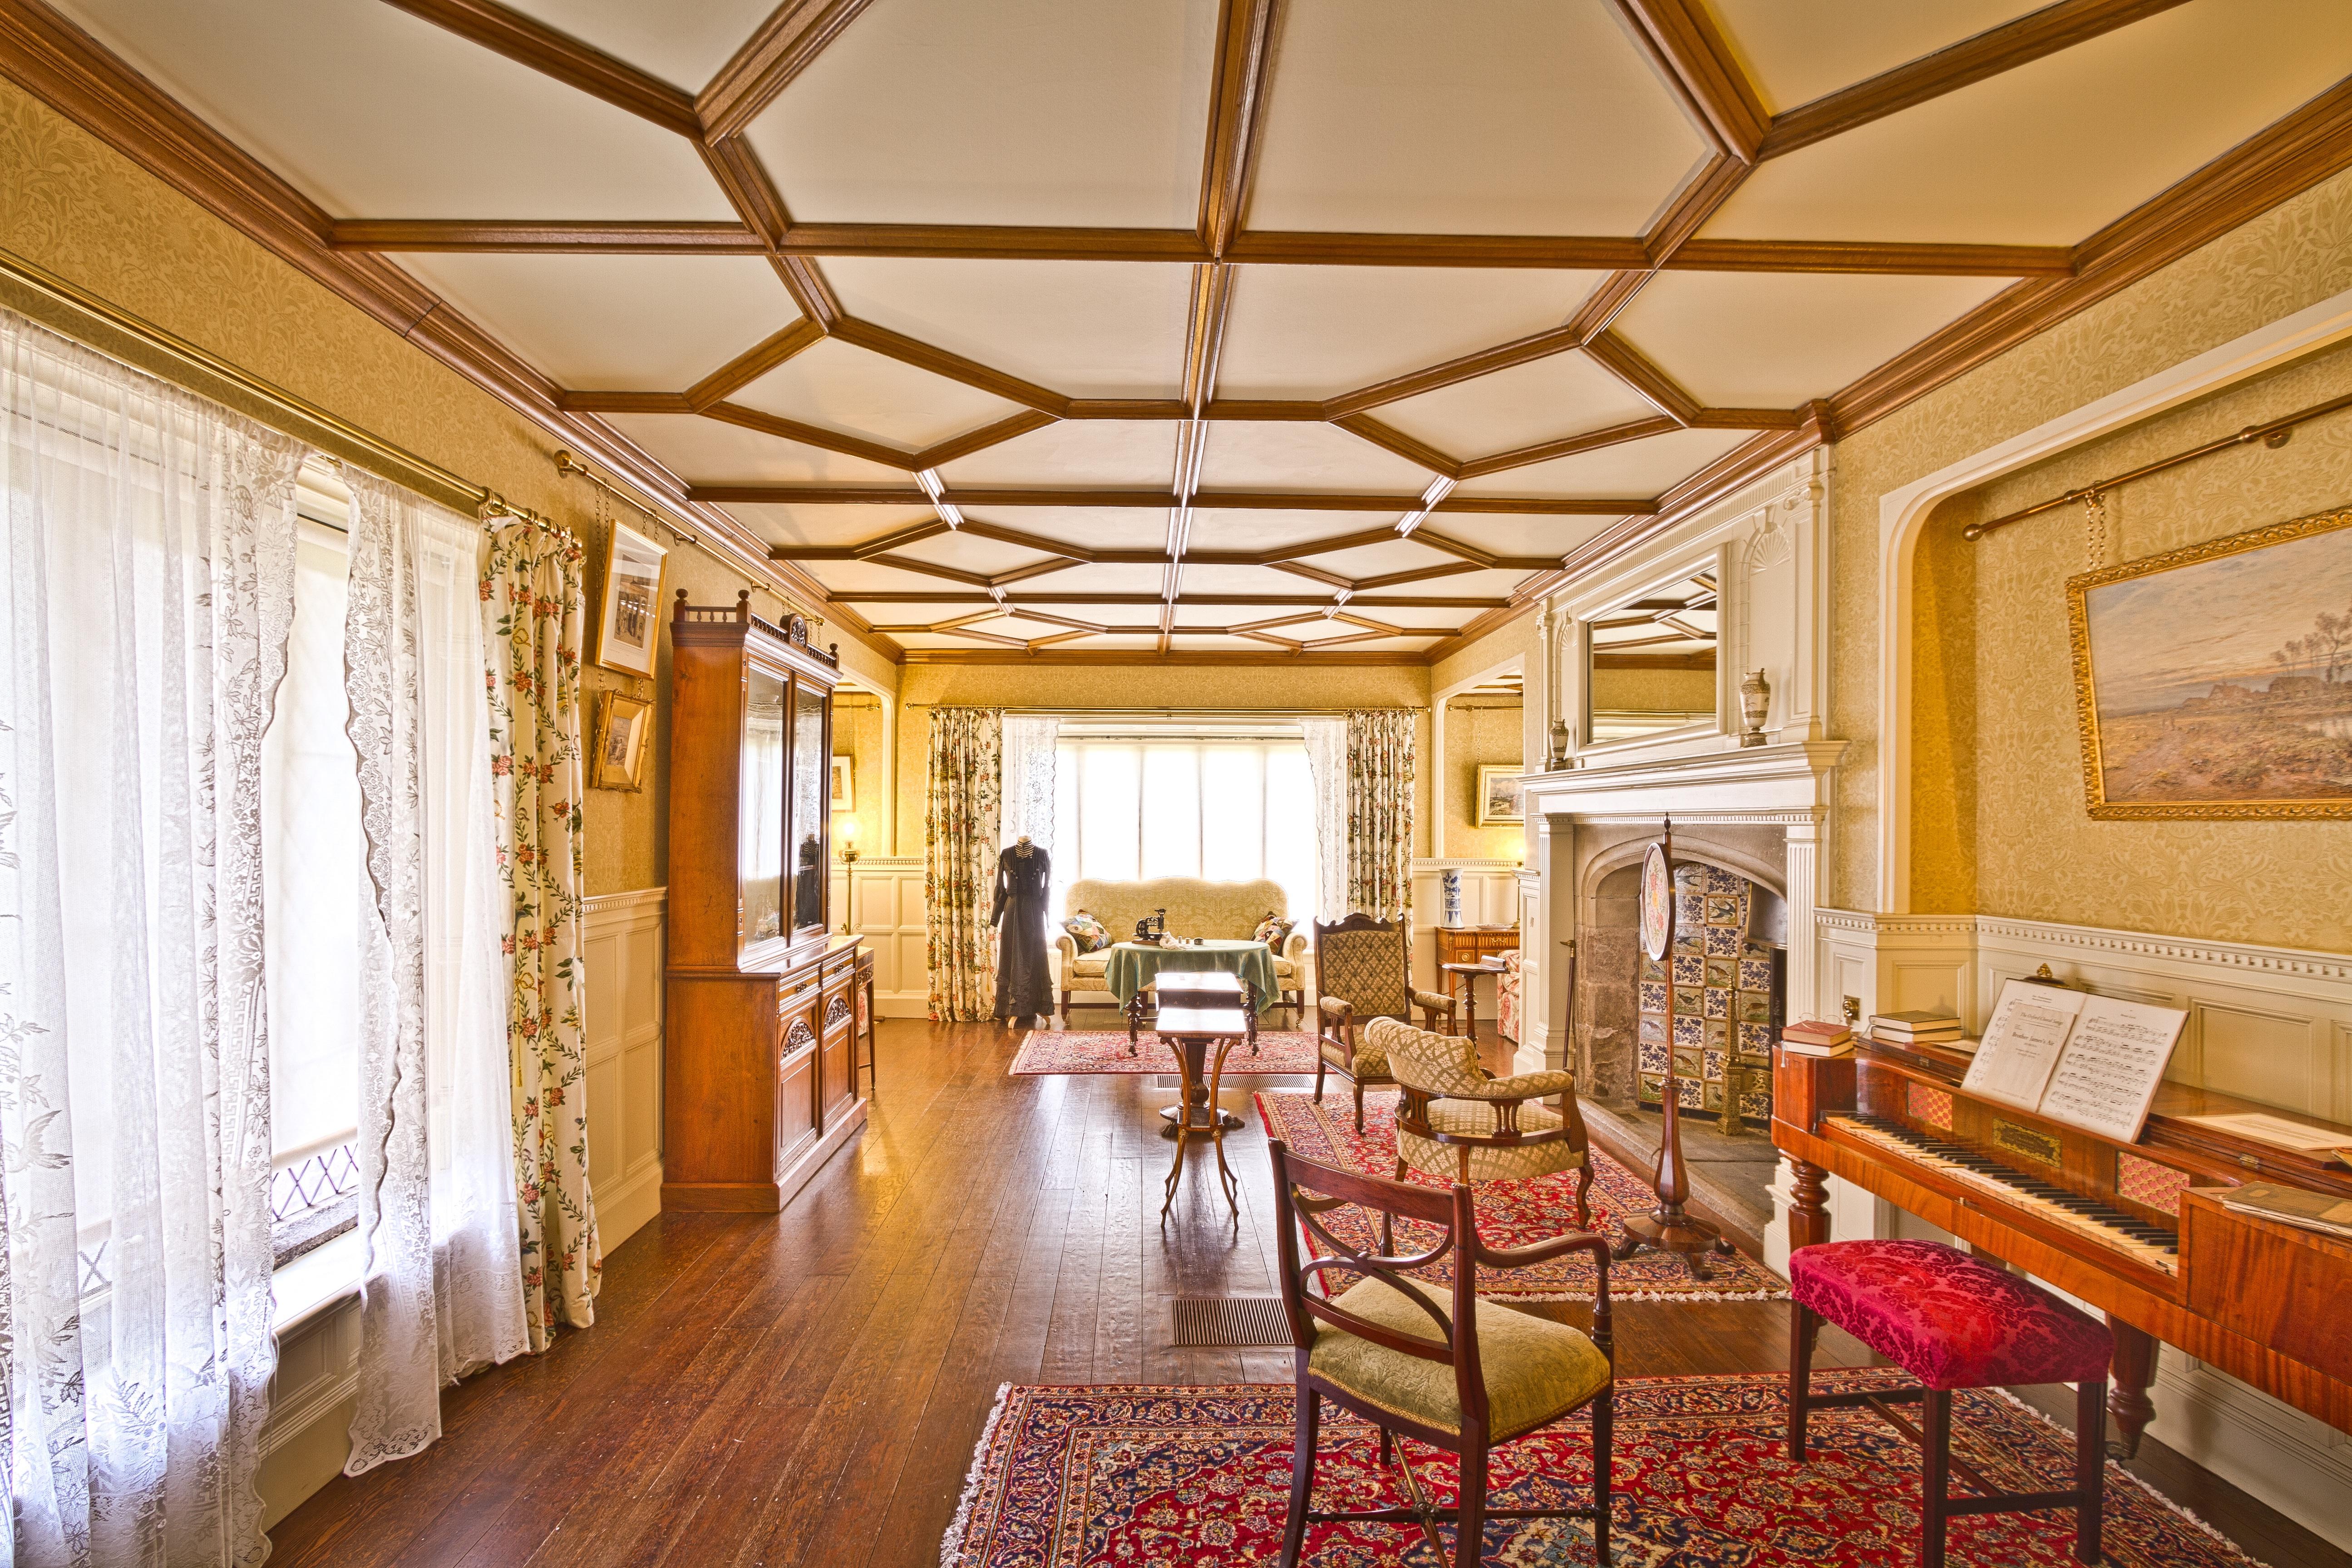 Gambar Rumah Besar Istana Plafon Pondok Milik Ruang Keluarga